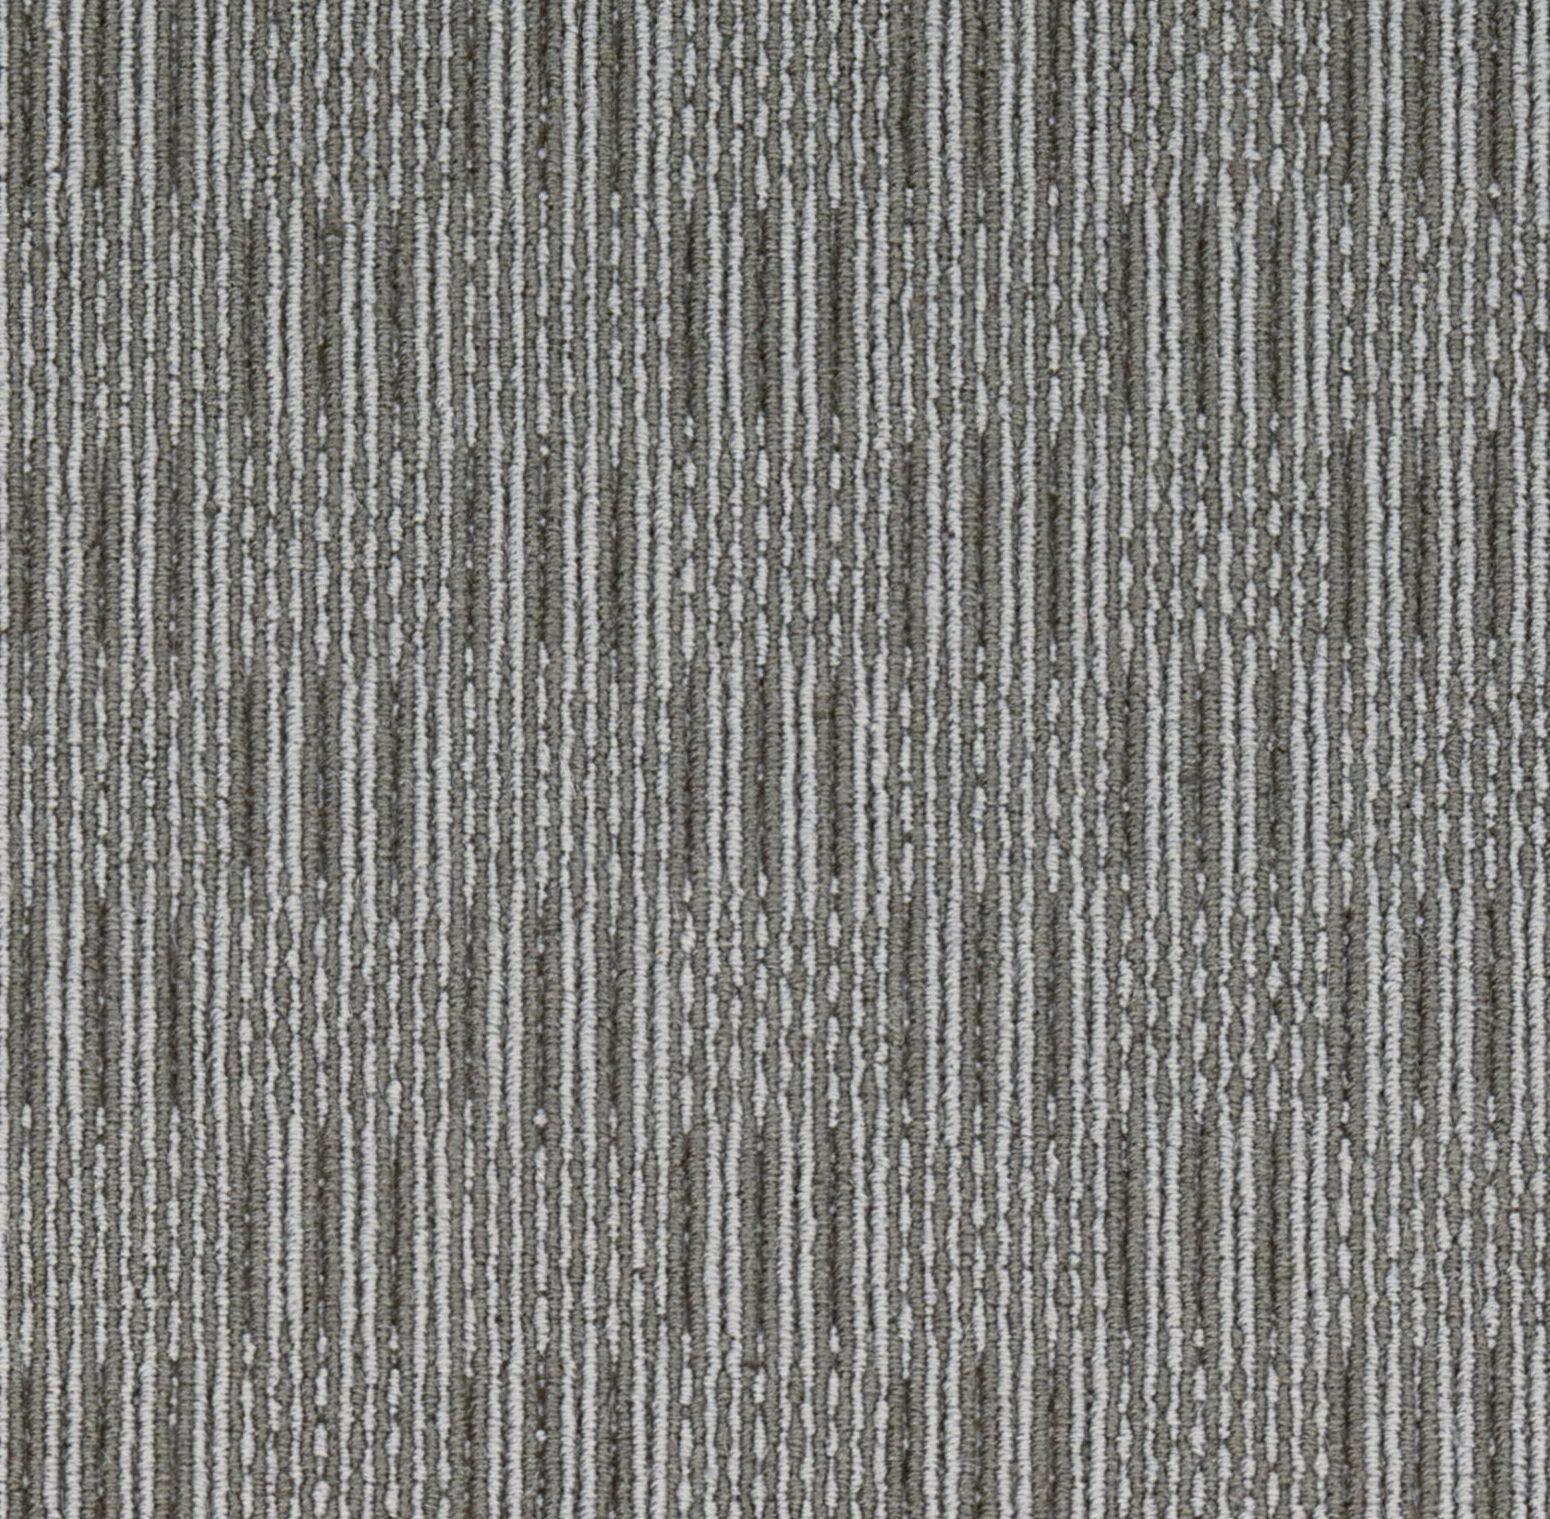 Aspen Grid Greystone